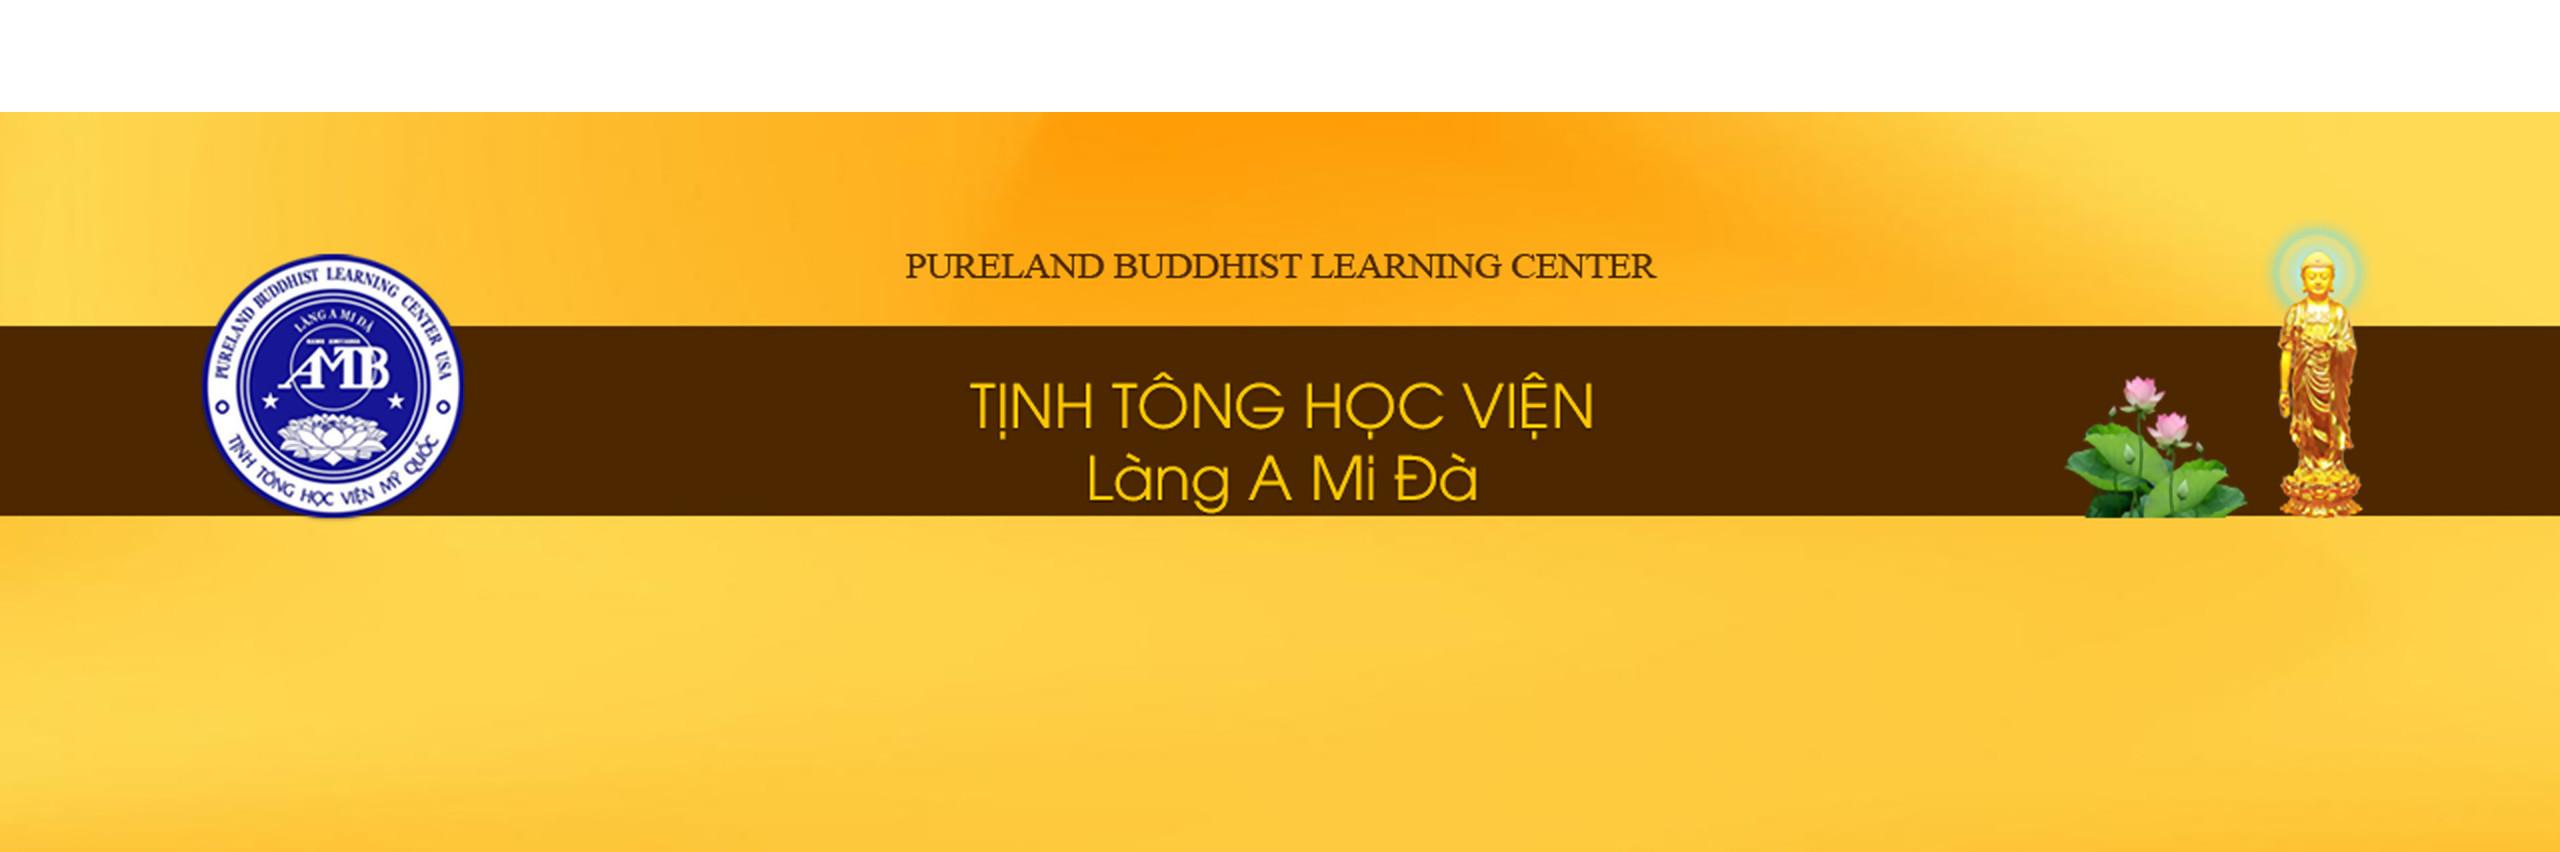 Tịnh Tông Học Viện - Làng A Mi Đà